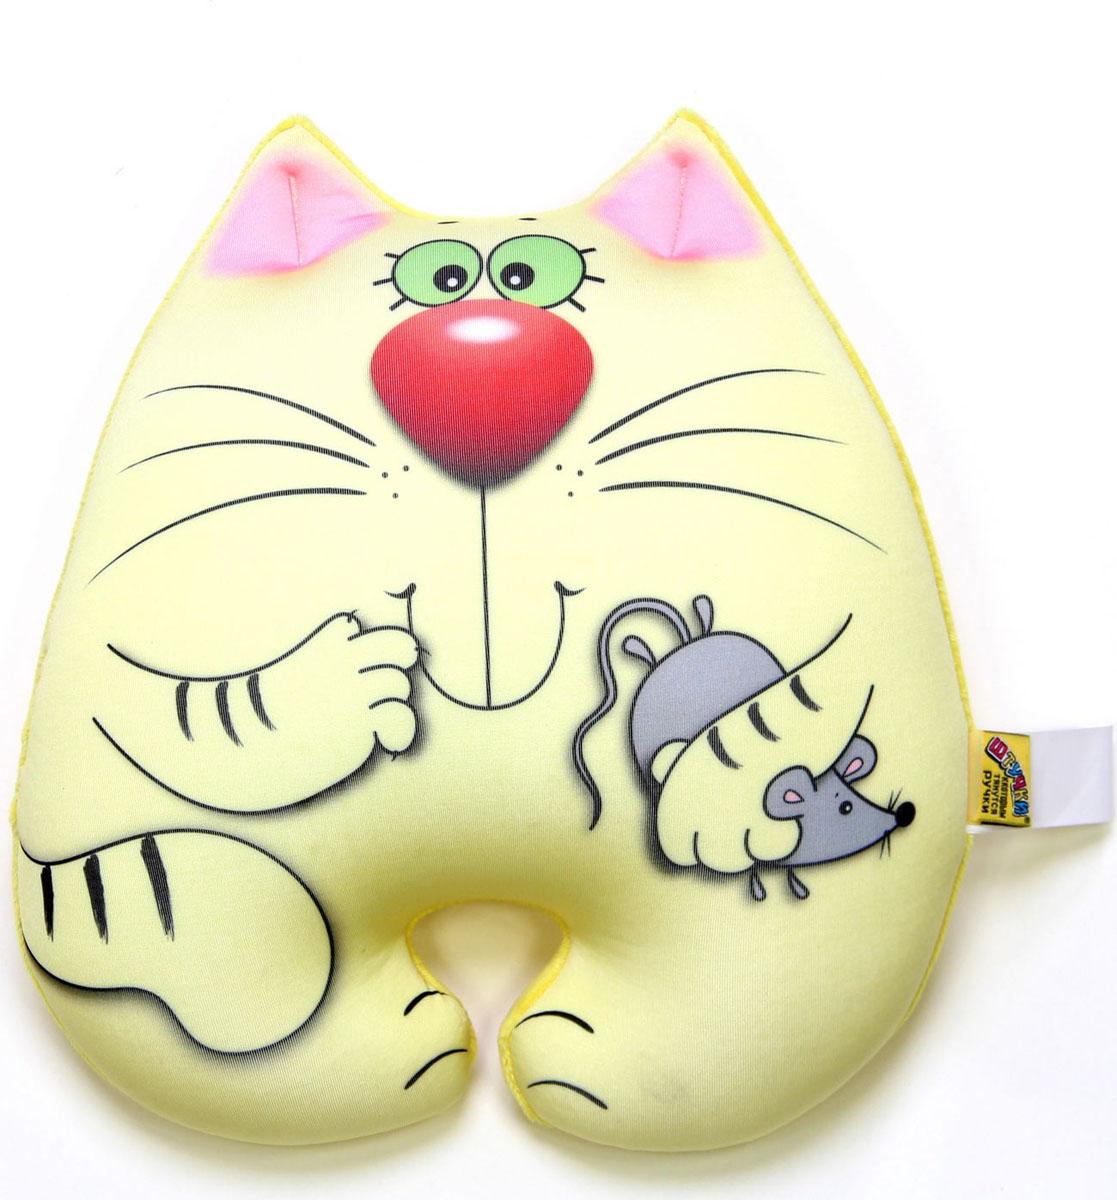 """Подушка-игрушка антистрессовая Штучки, к которым тянутся ручки """"Кот Мышкин"""". 15аси22ив-2"""